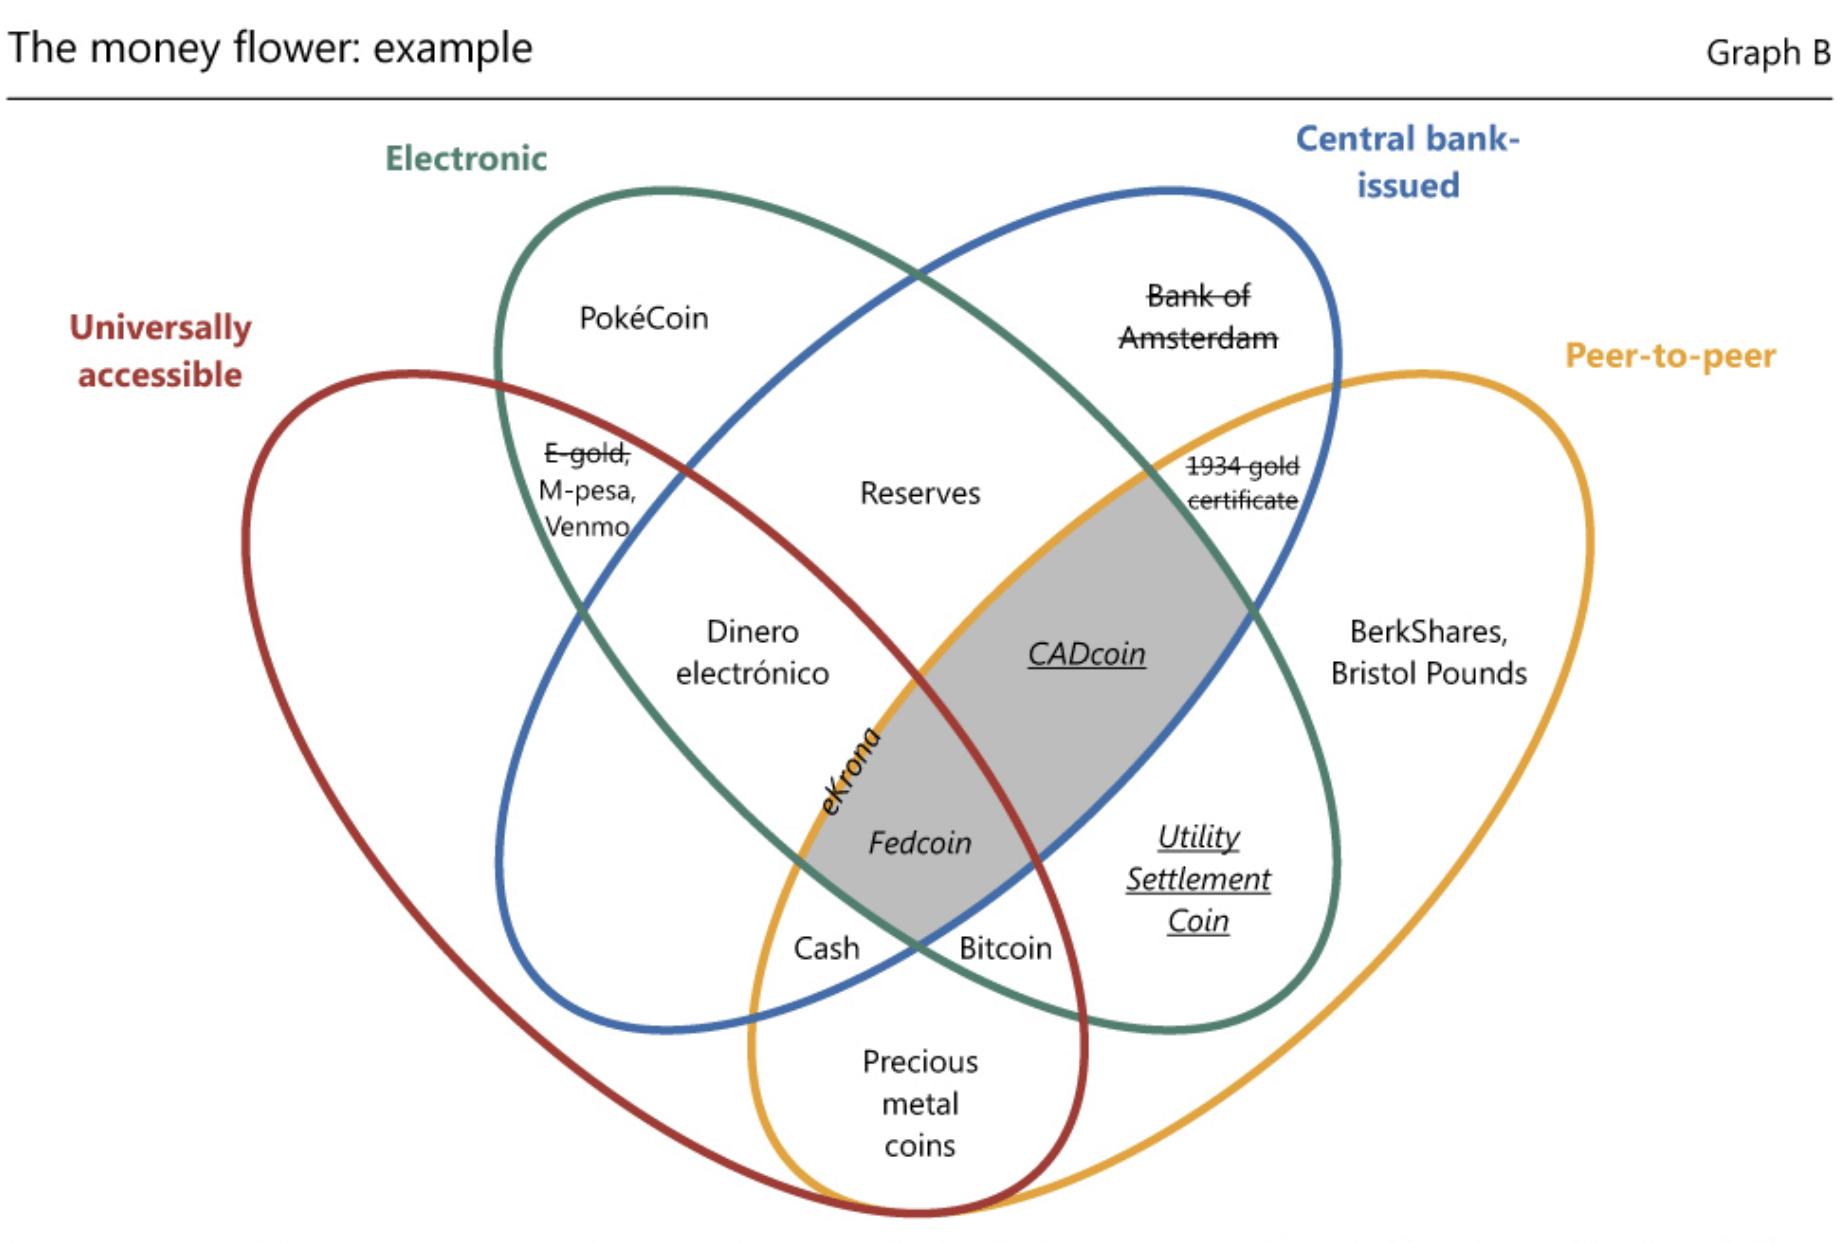 utility settlement coin moneyflower graph